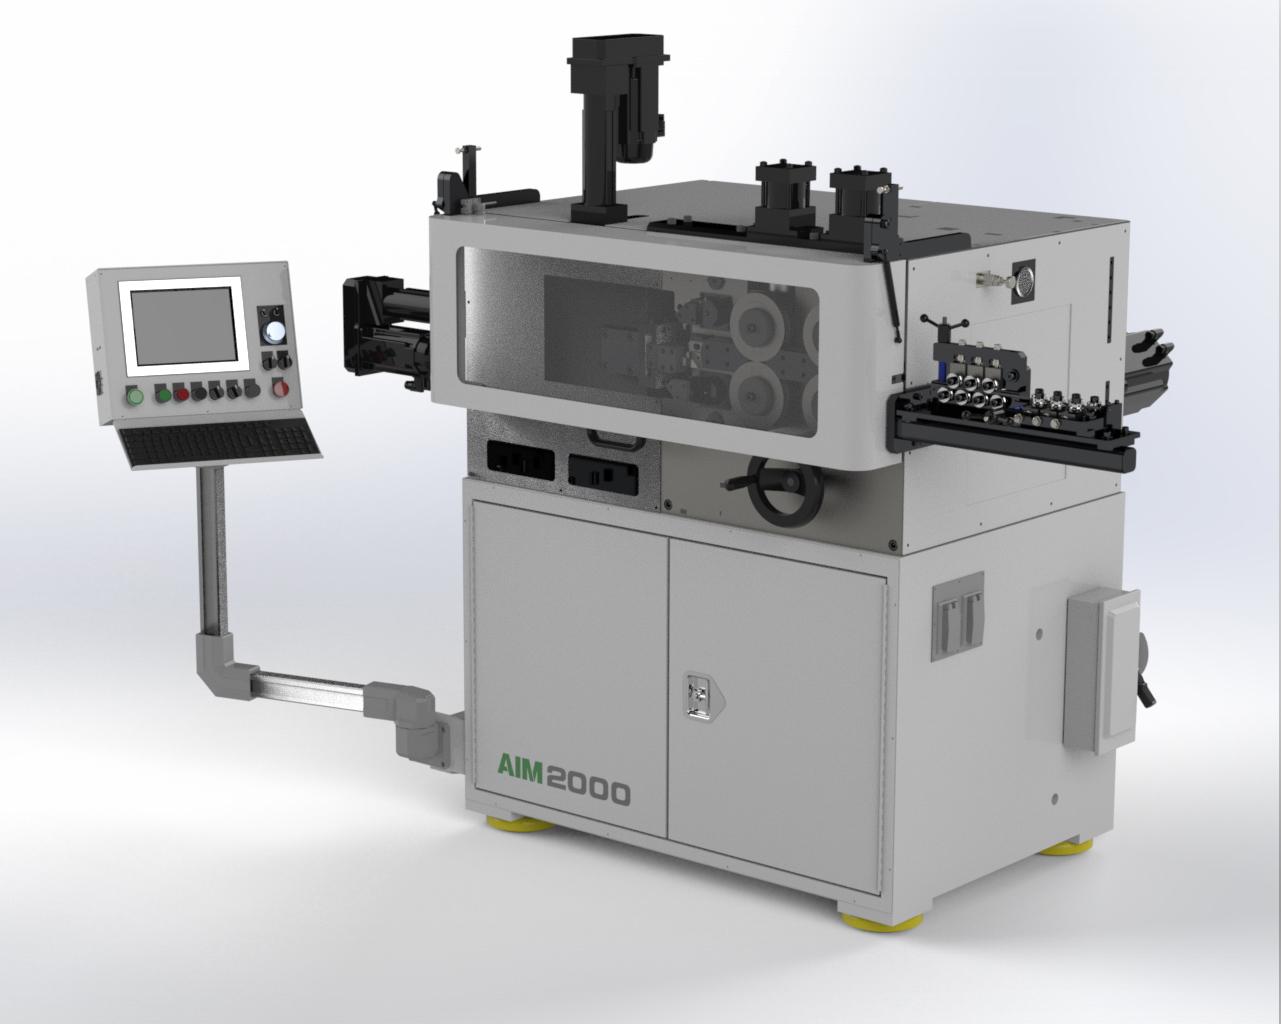 AIM 2000 CNC Spring Coiler